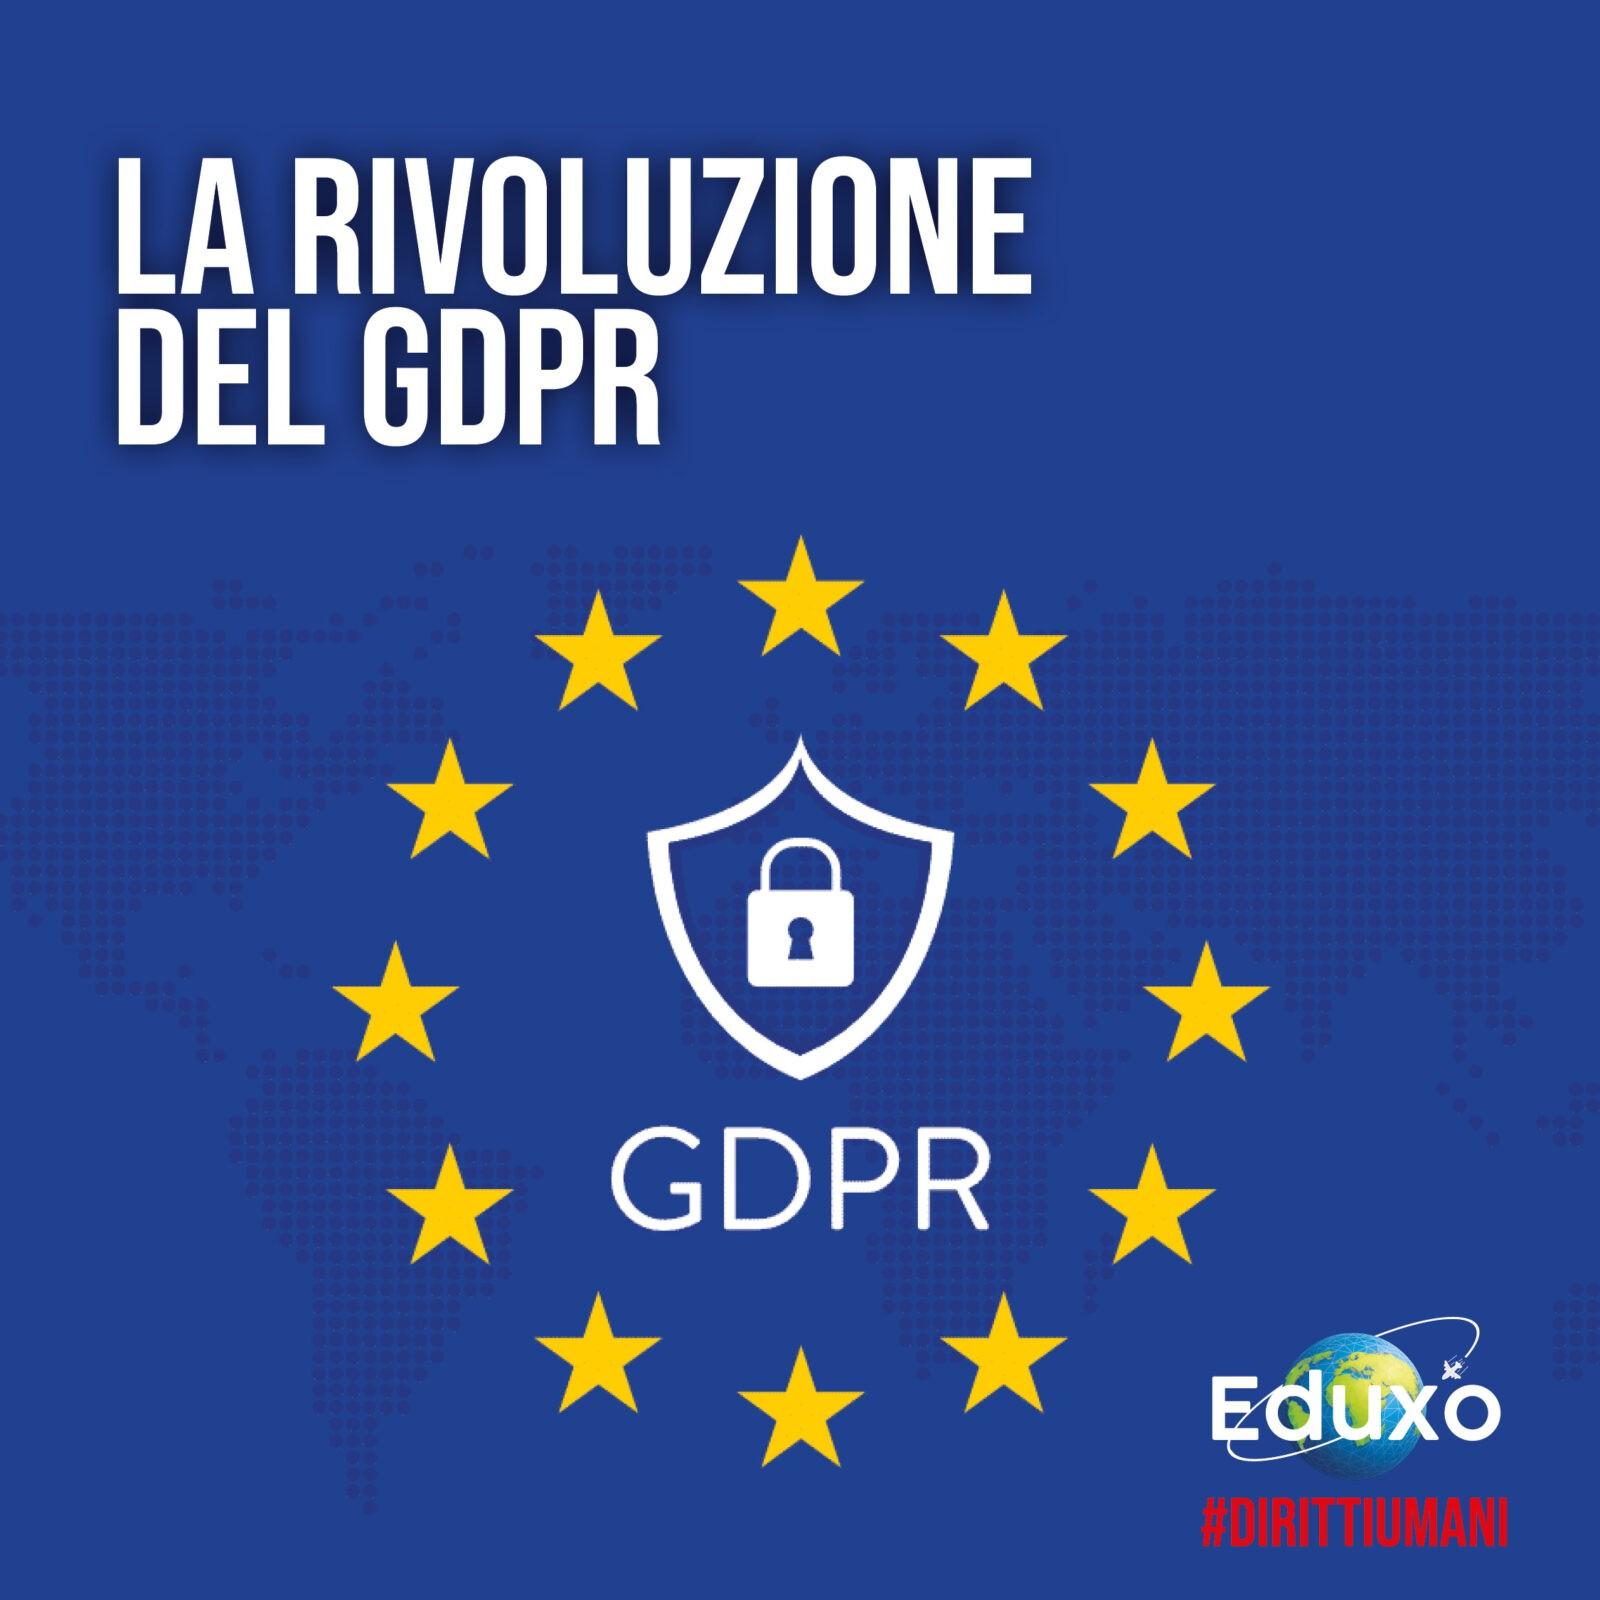 La rivoluzione del GDPR